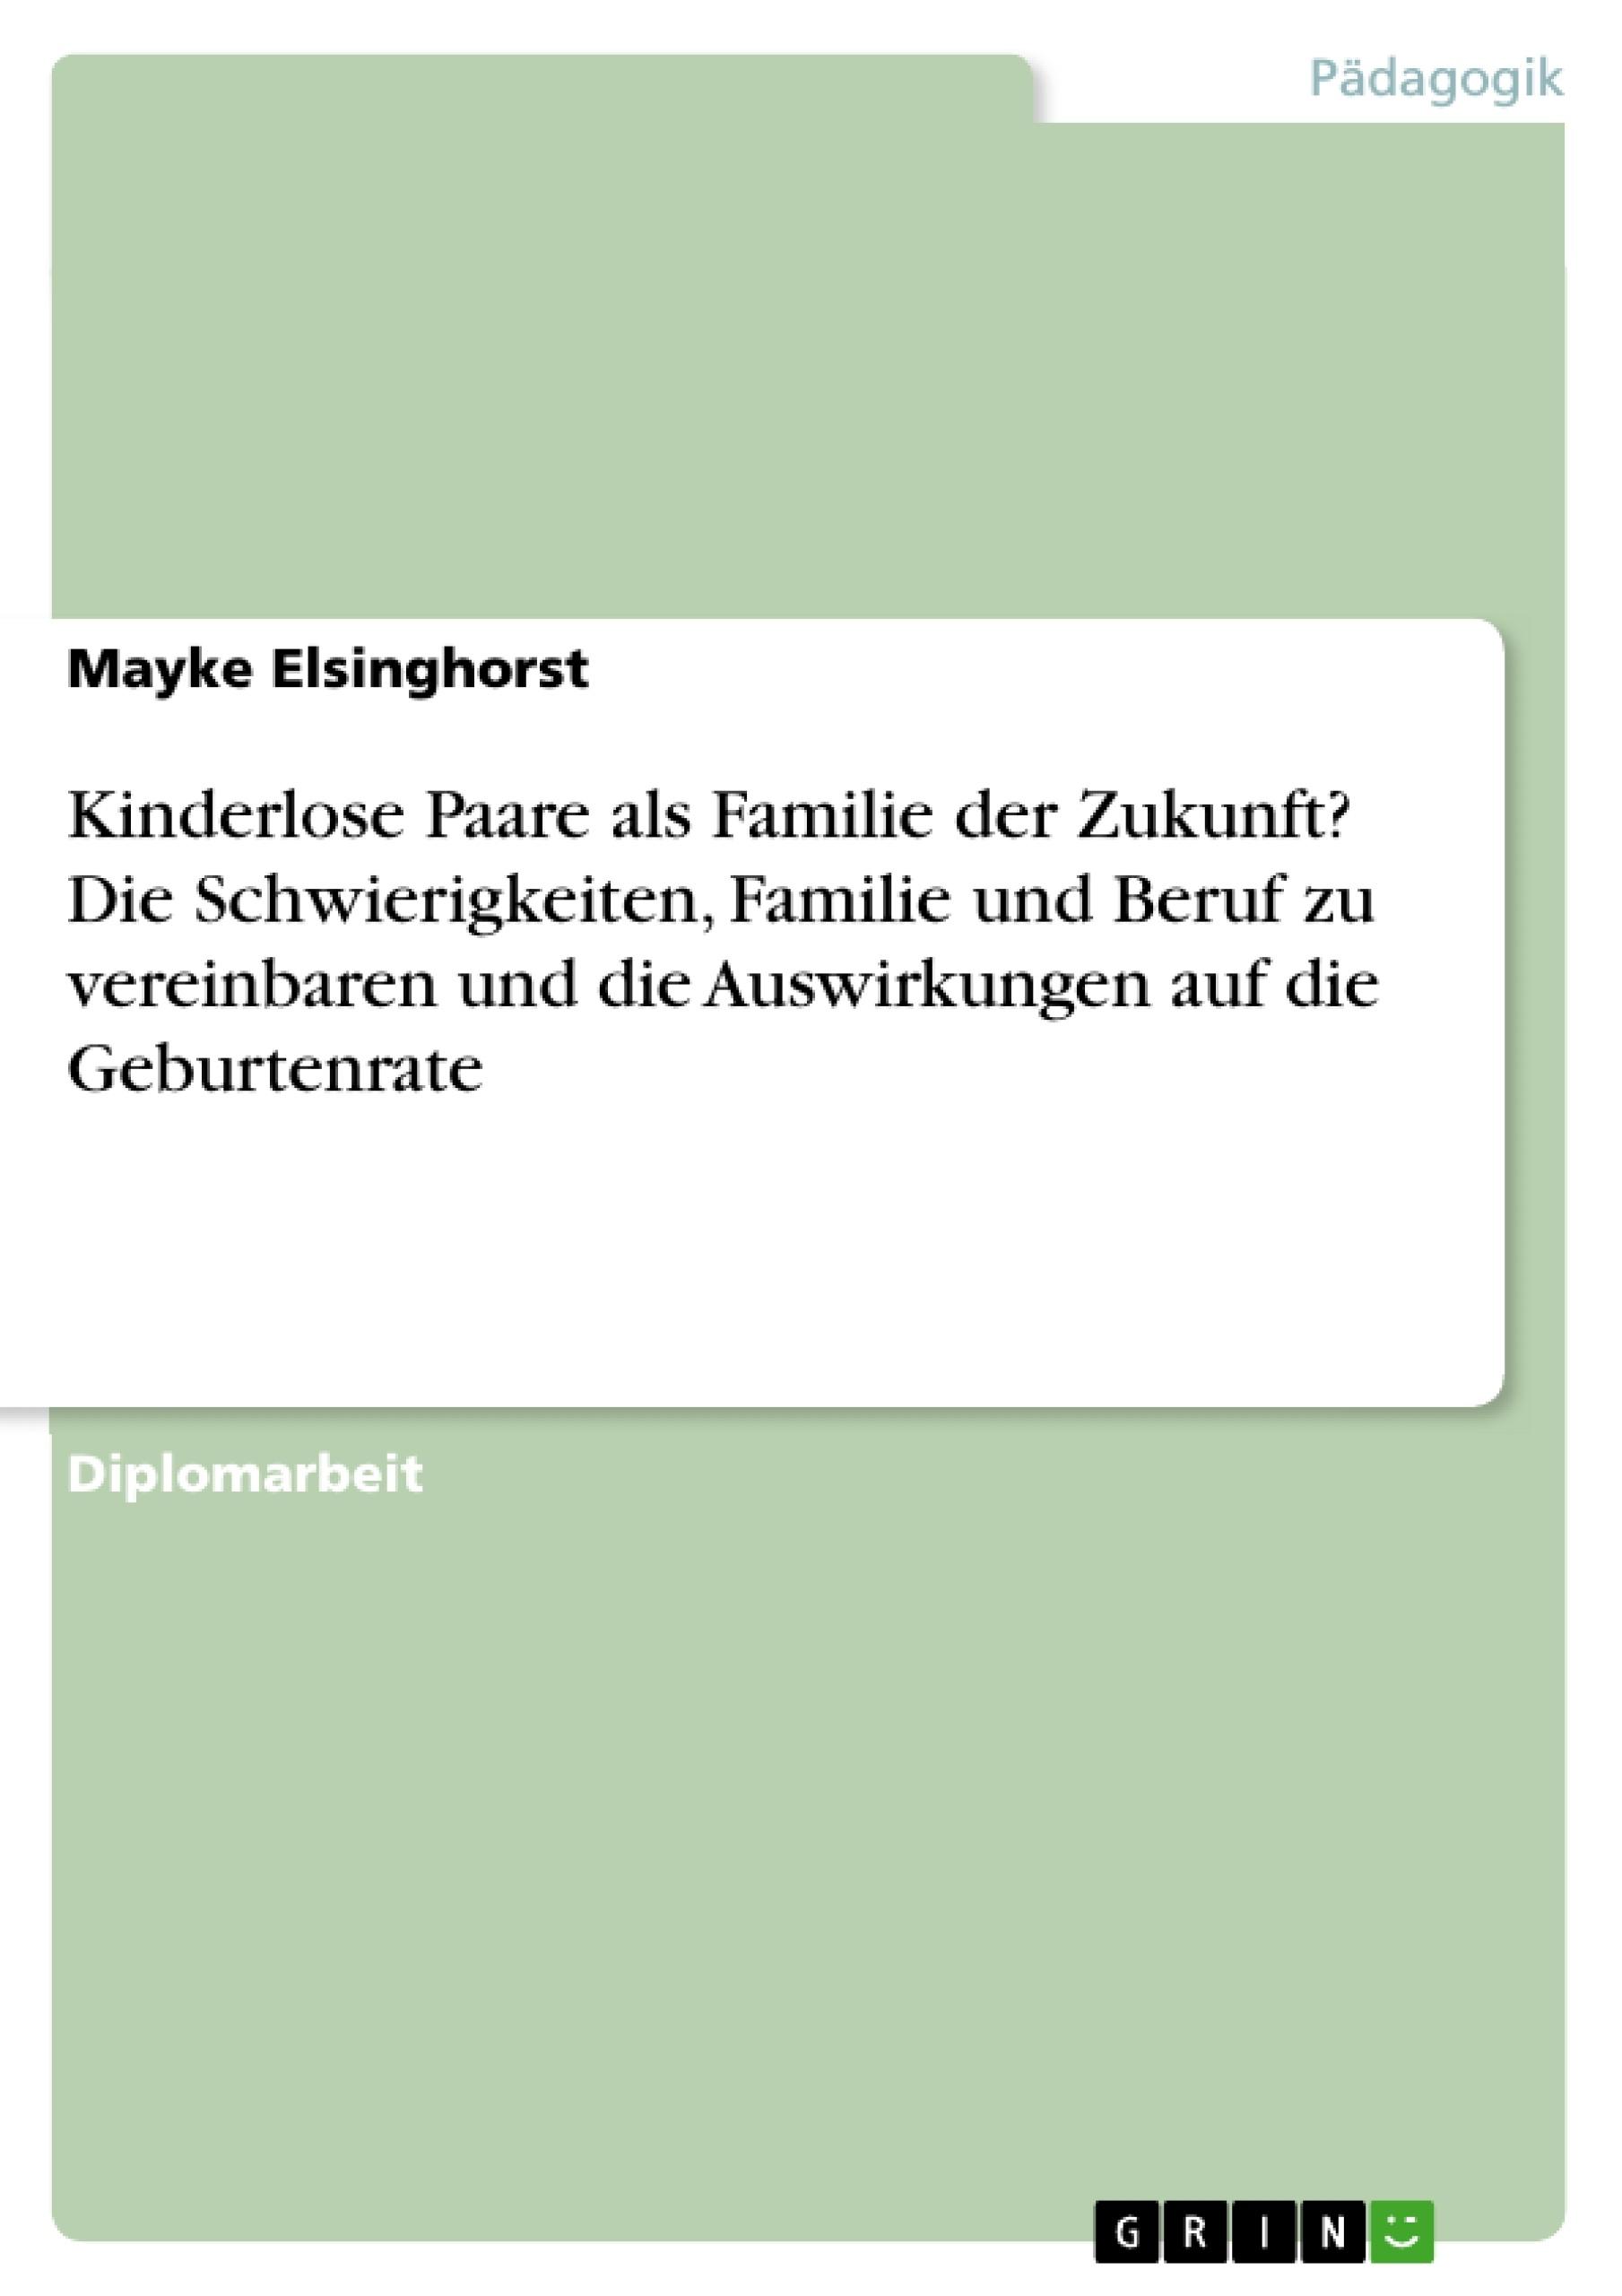 Titel: Kinderlose Paare als Familie der Zukunft? Die Schwierigkeiten, Familie und Beruf zu vereinbaren und die Auswirkungen auf die Geburtenrate